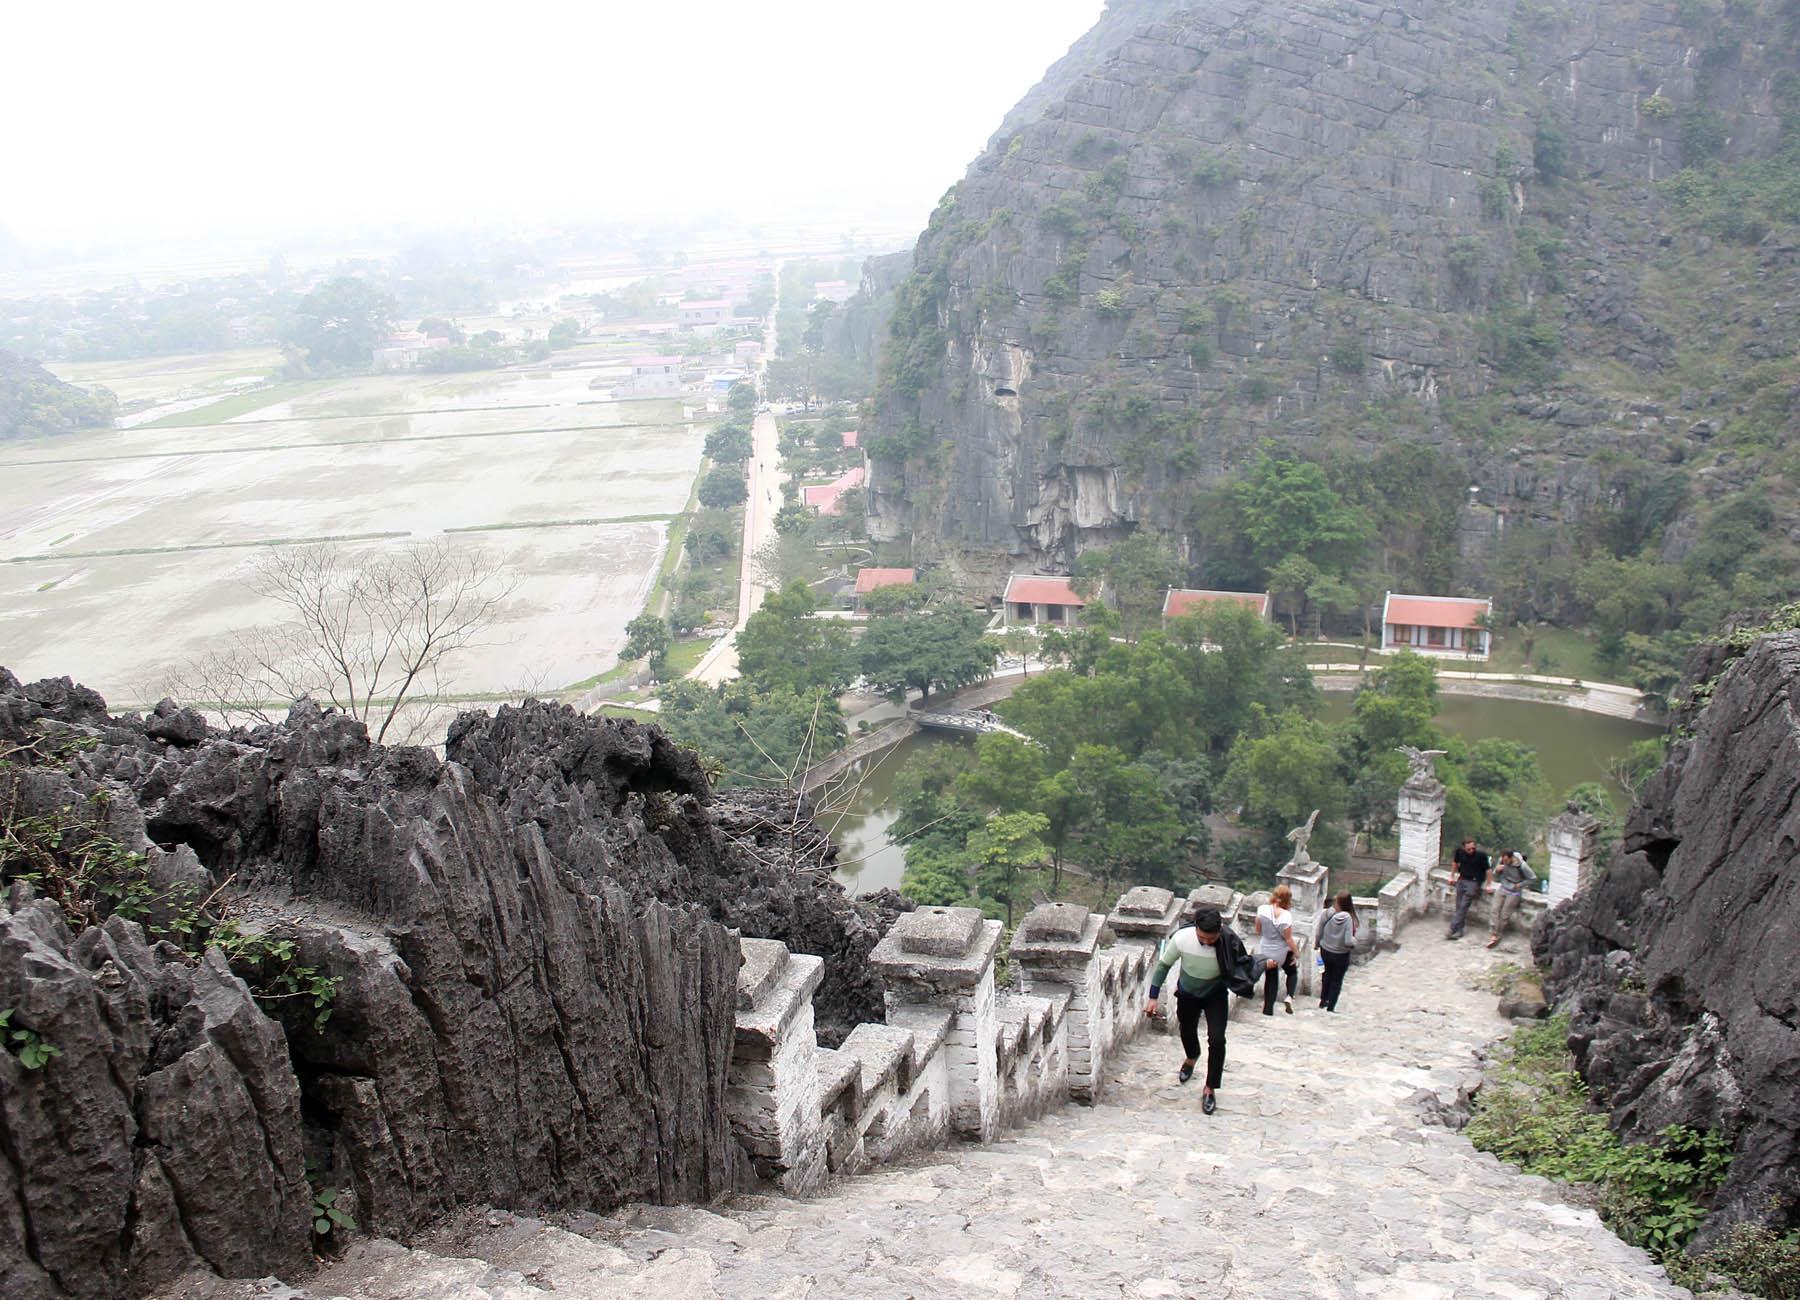 Ghé thăm hang Múa kì thú của Ninh Bình - Ảnh minh hoạ 6